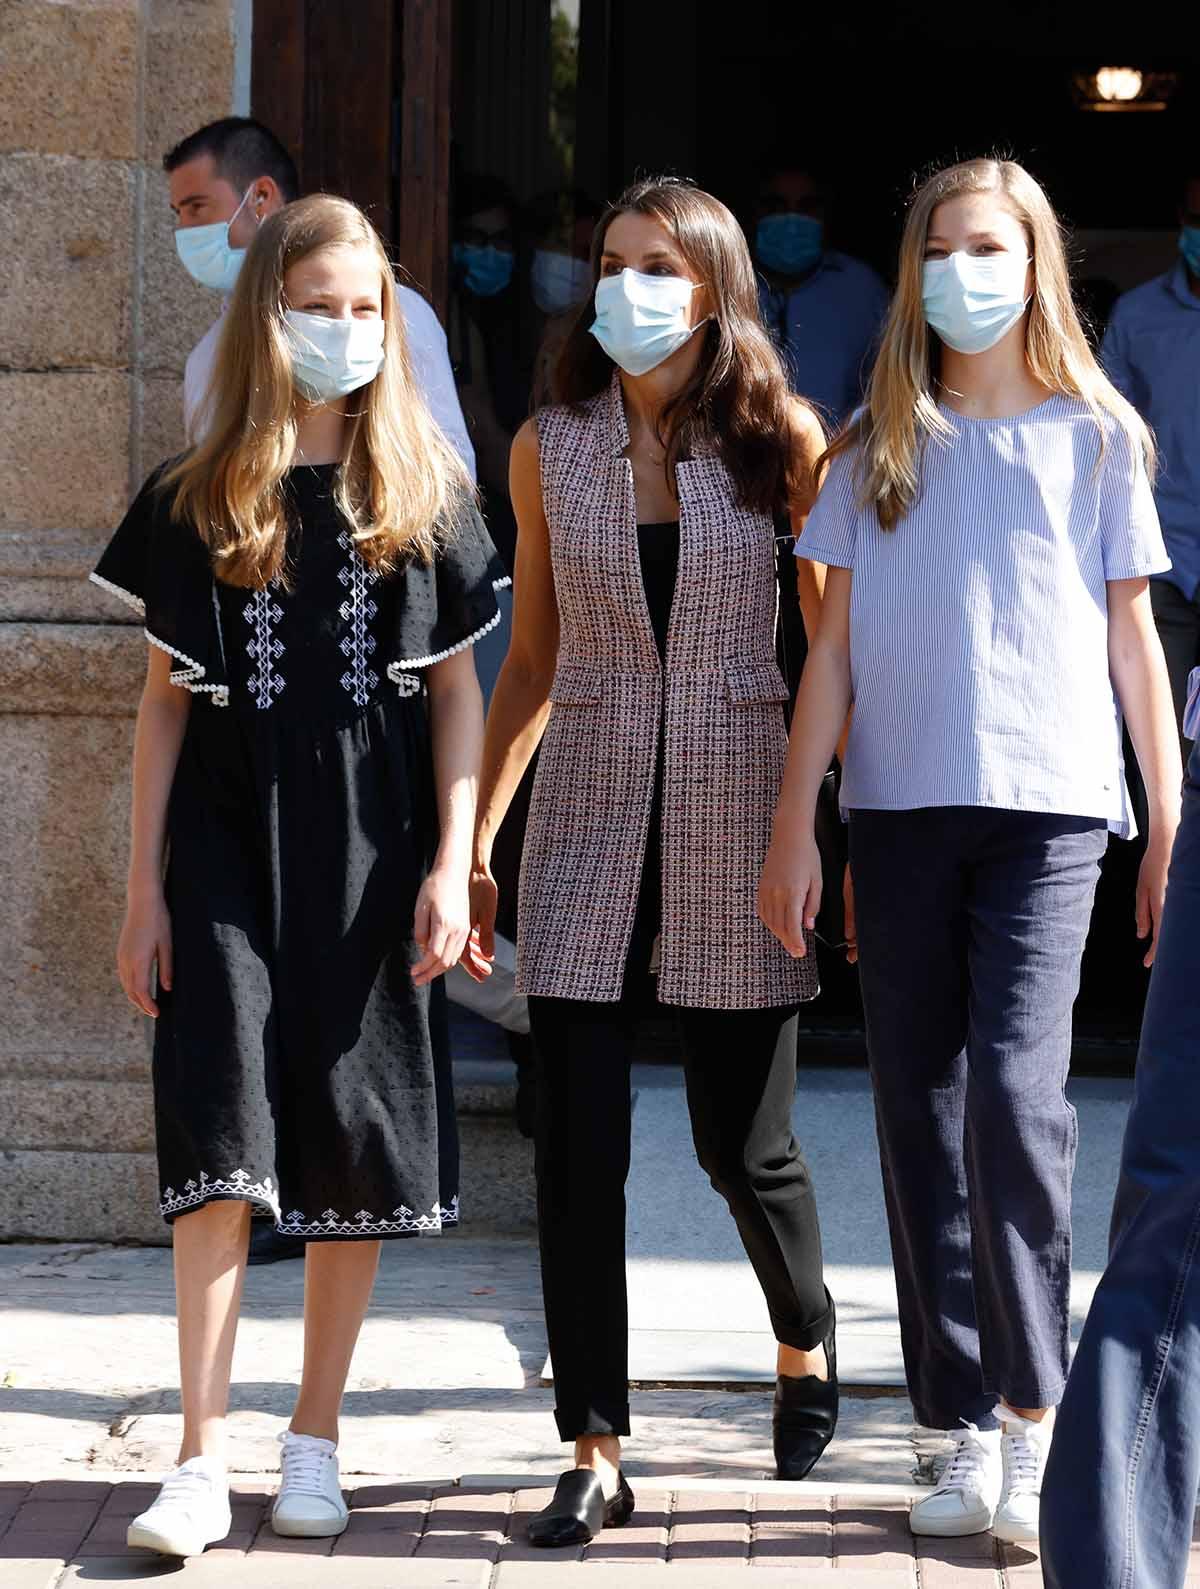 Queen Letizia Ortiz with daughters Princess of Asturias Leonor de Borbon and Sofia de Borbon  leaving Merida Parador in Merida